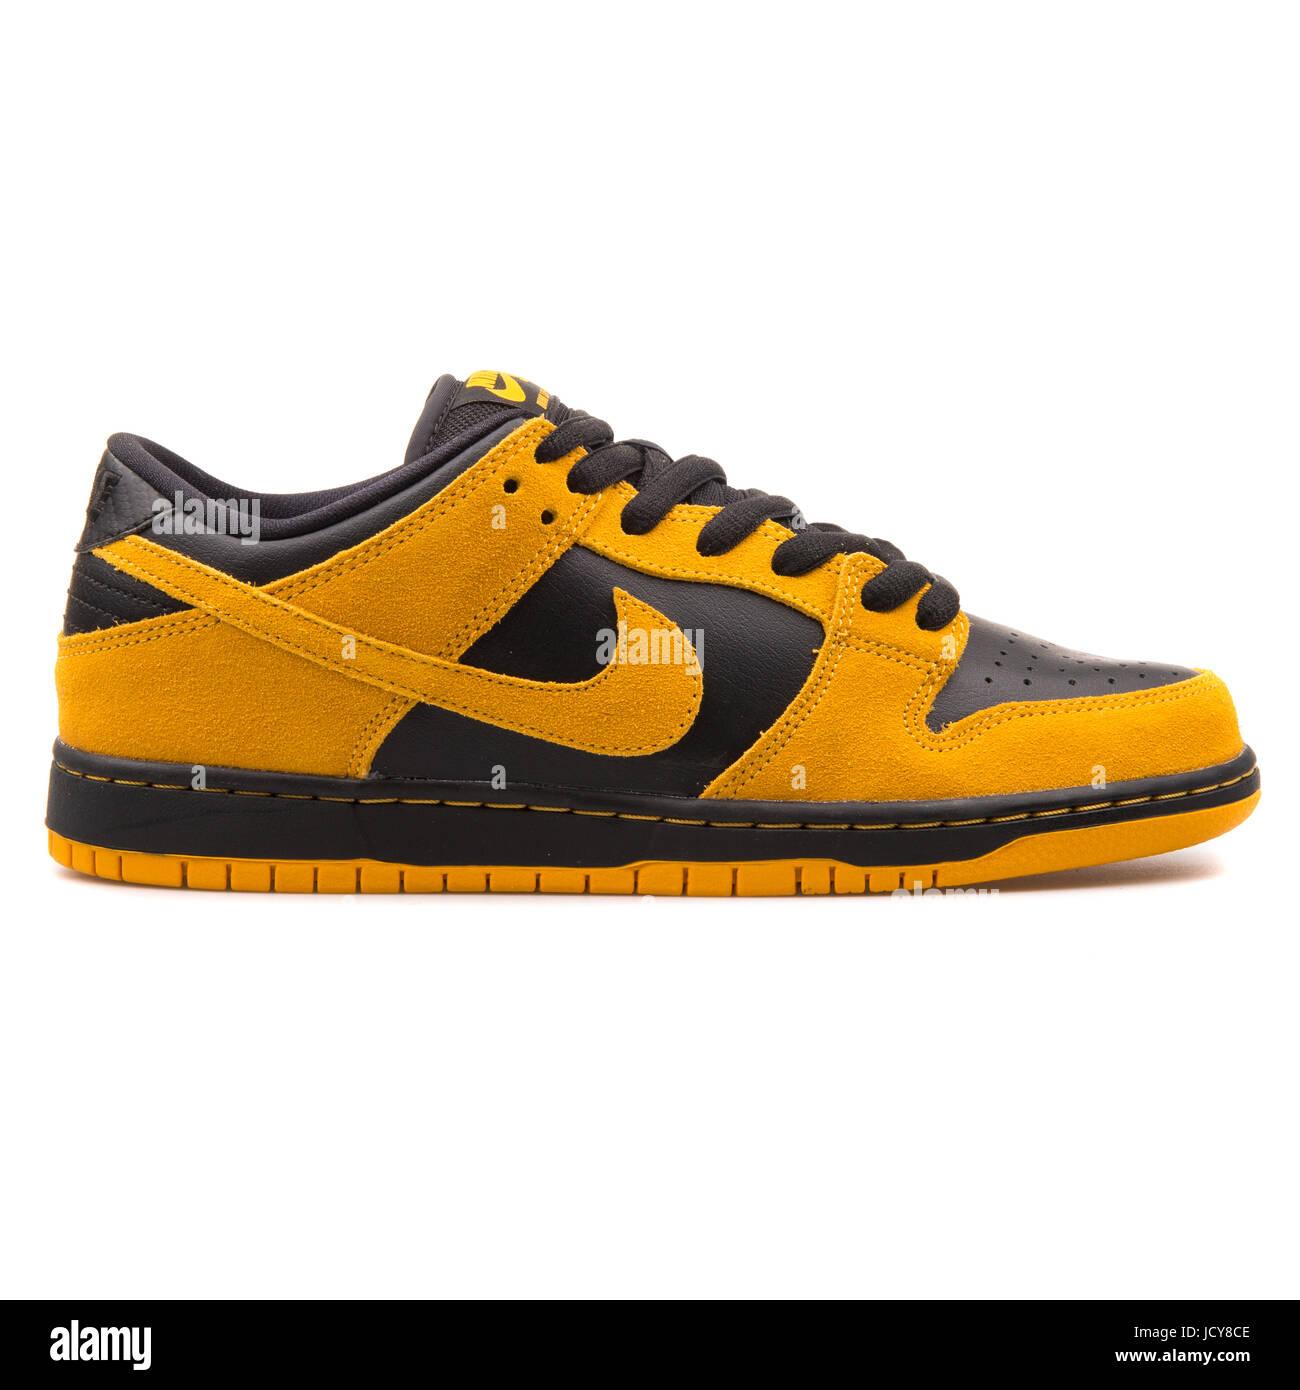 df5cc614f2 Nike Dunk Low Pro SB Gold Gelb und schwarz Herren Skateboarding Schuhe -  304292-706